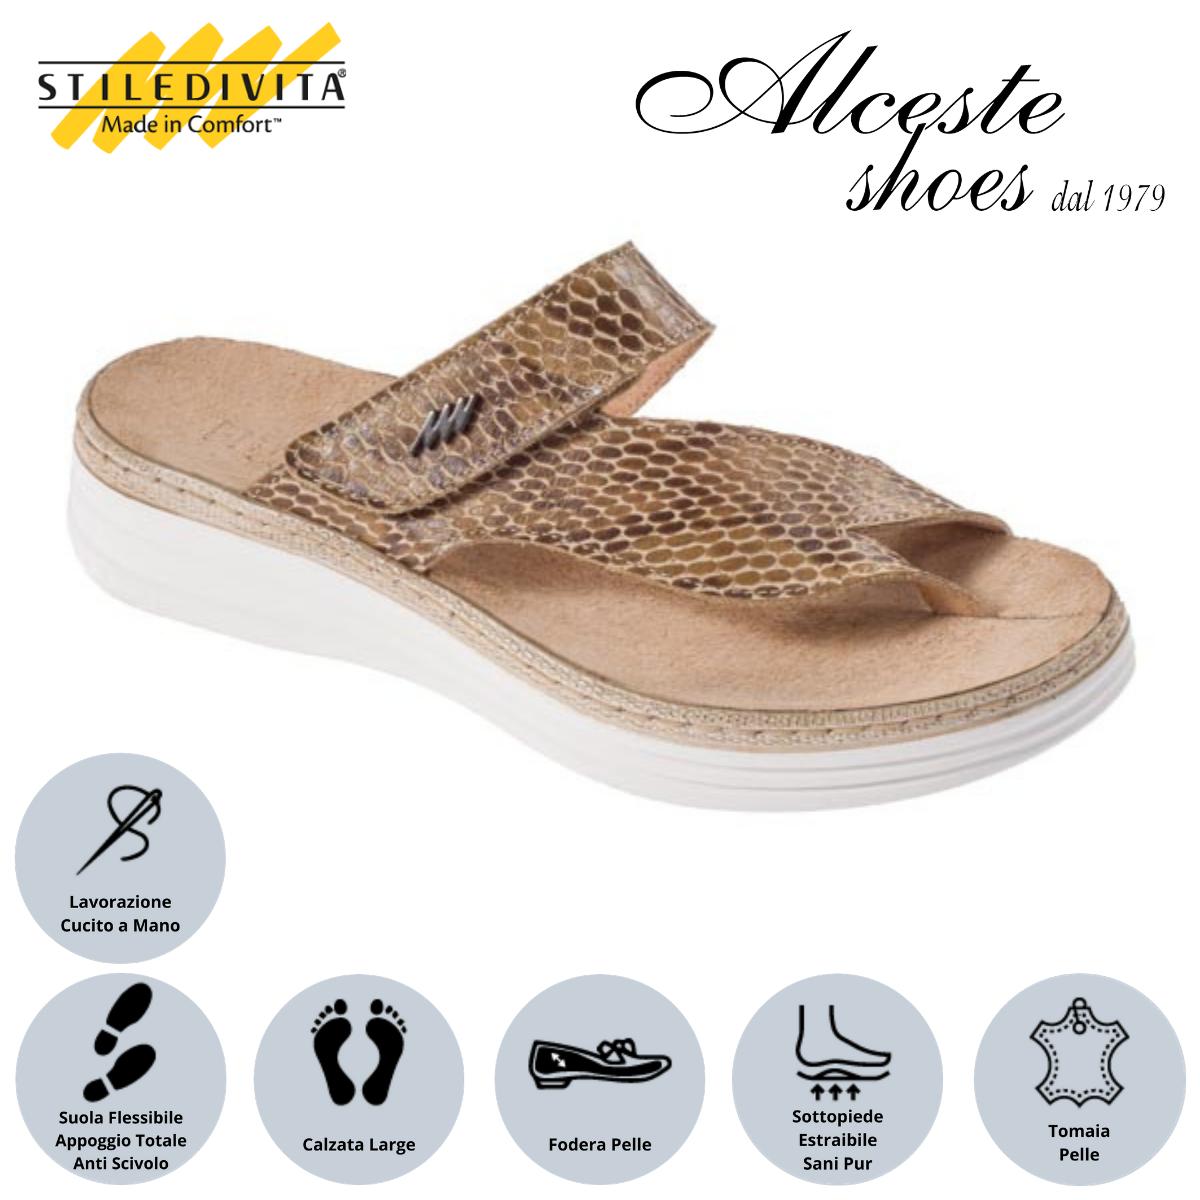 Infradito Sottopiede Estraibile Stiledivita Art. 8442 Pelle Stampata Beige Alceste Shoes 17